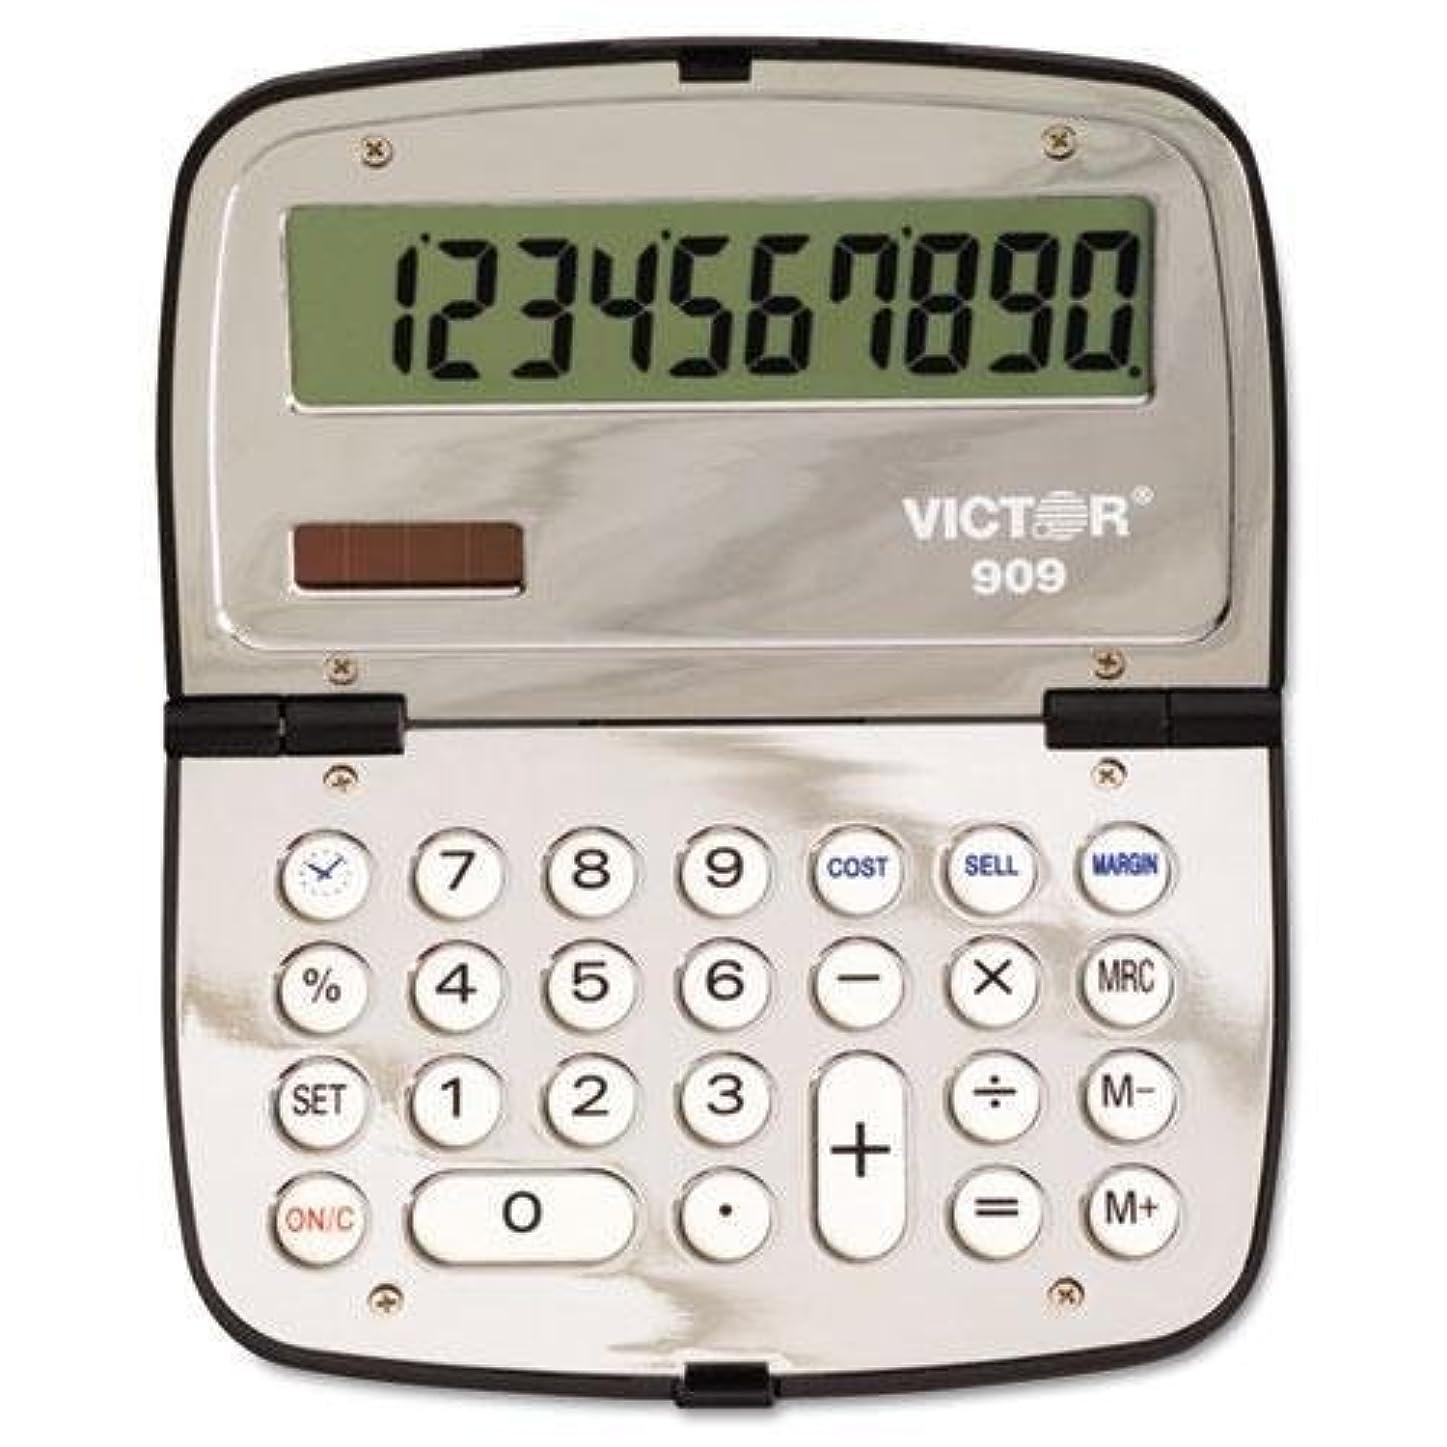 パラシュート論理懐疑的Victorテクノロジー909ハンドヘルドコンパクト10桁電卓、LCD (909?)